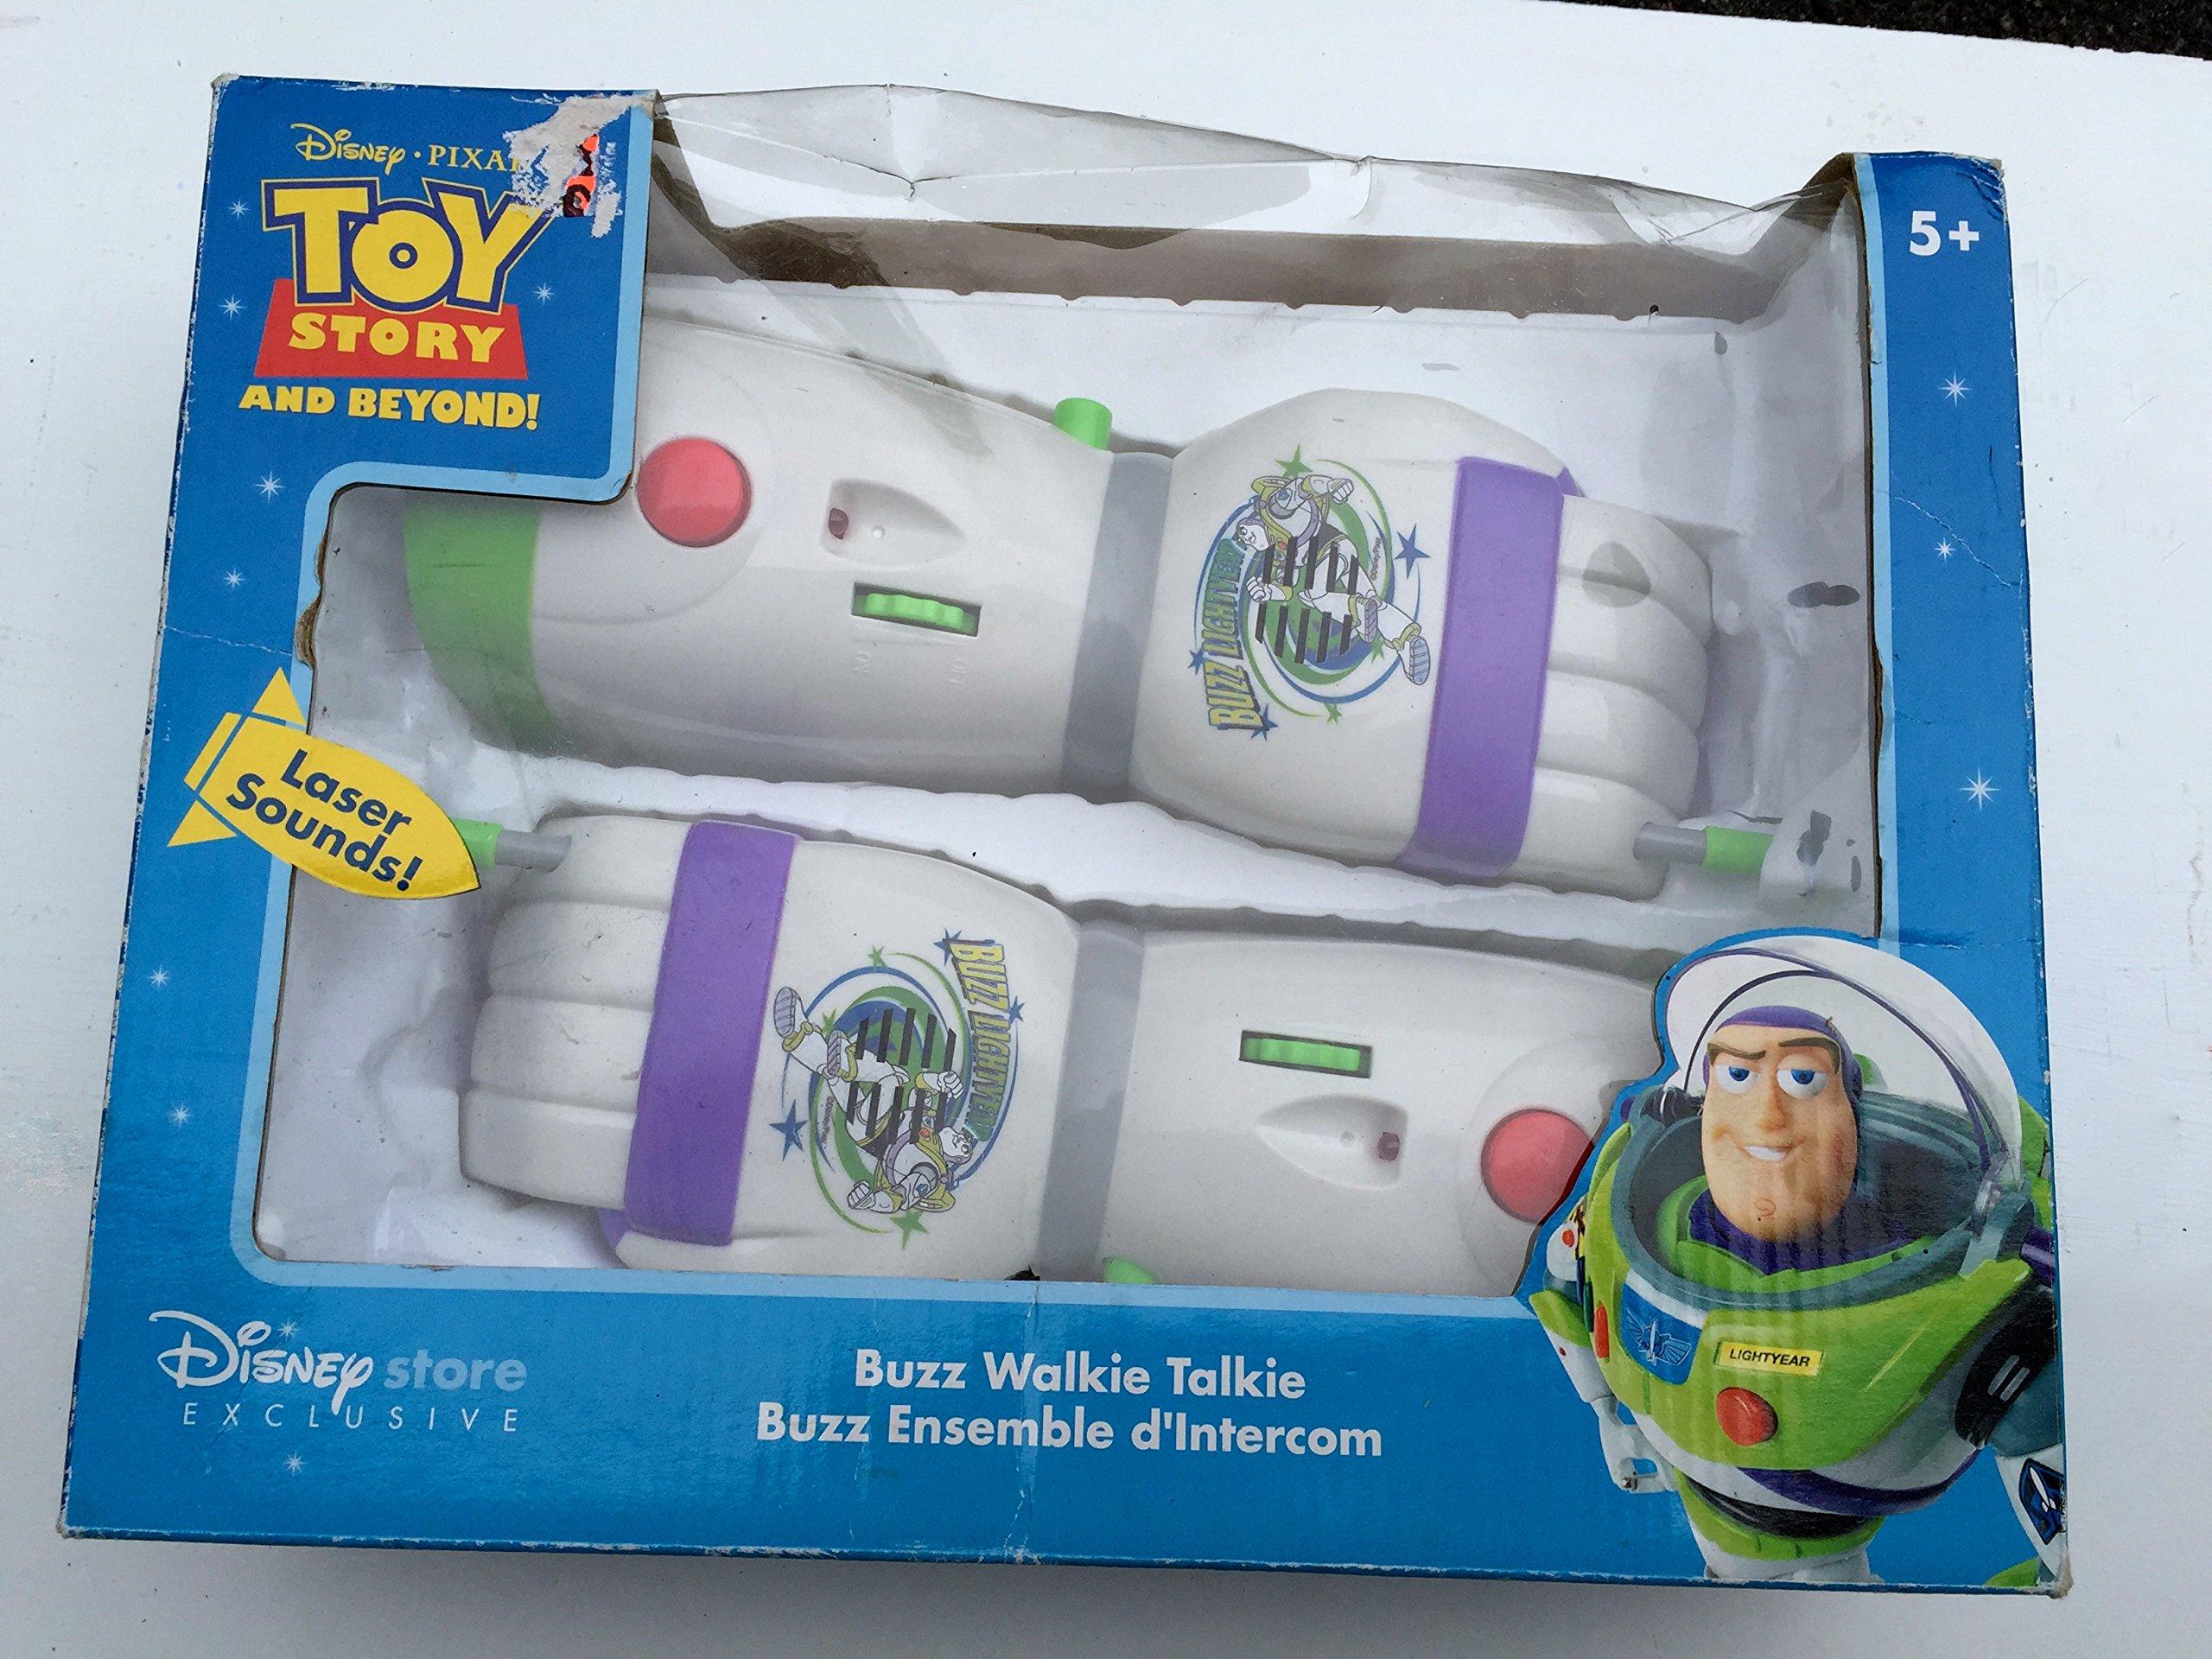 Toy Story Buzz Walkie Talkie